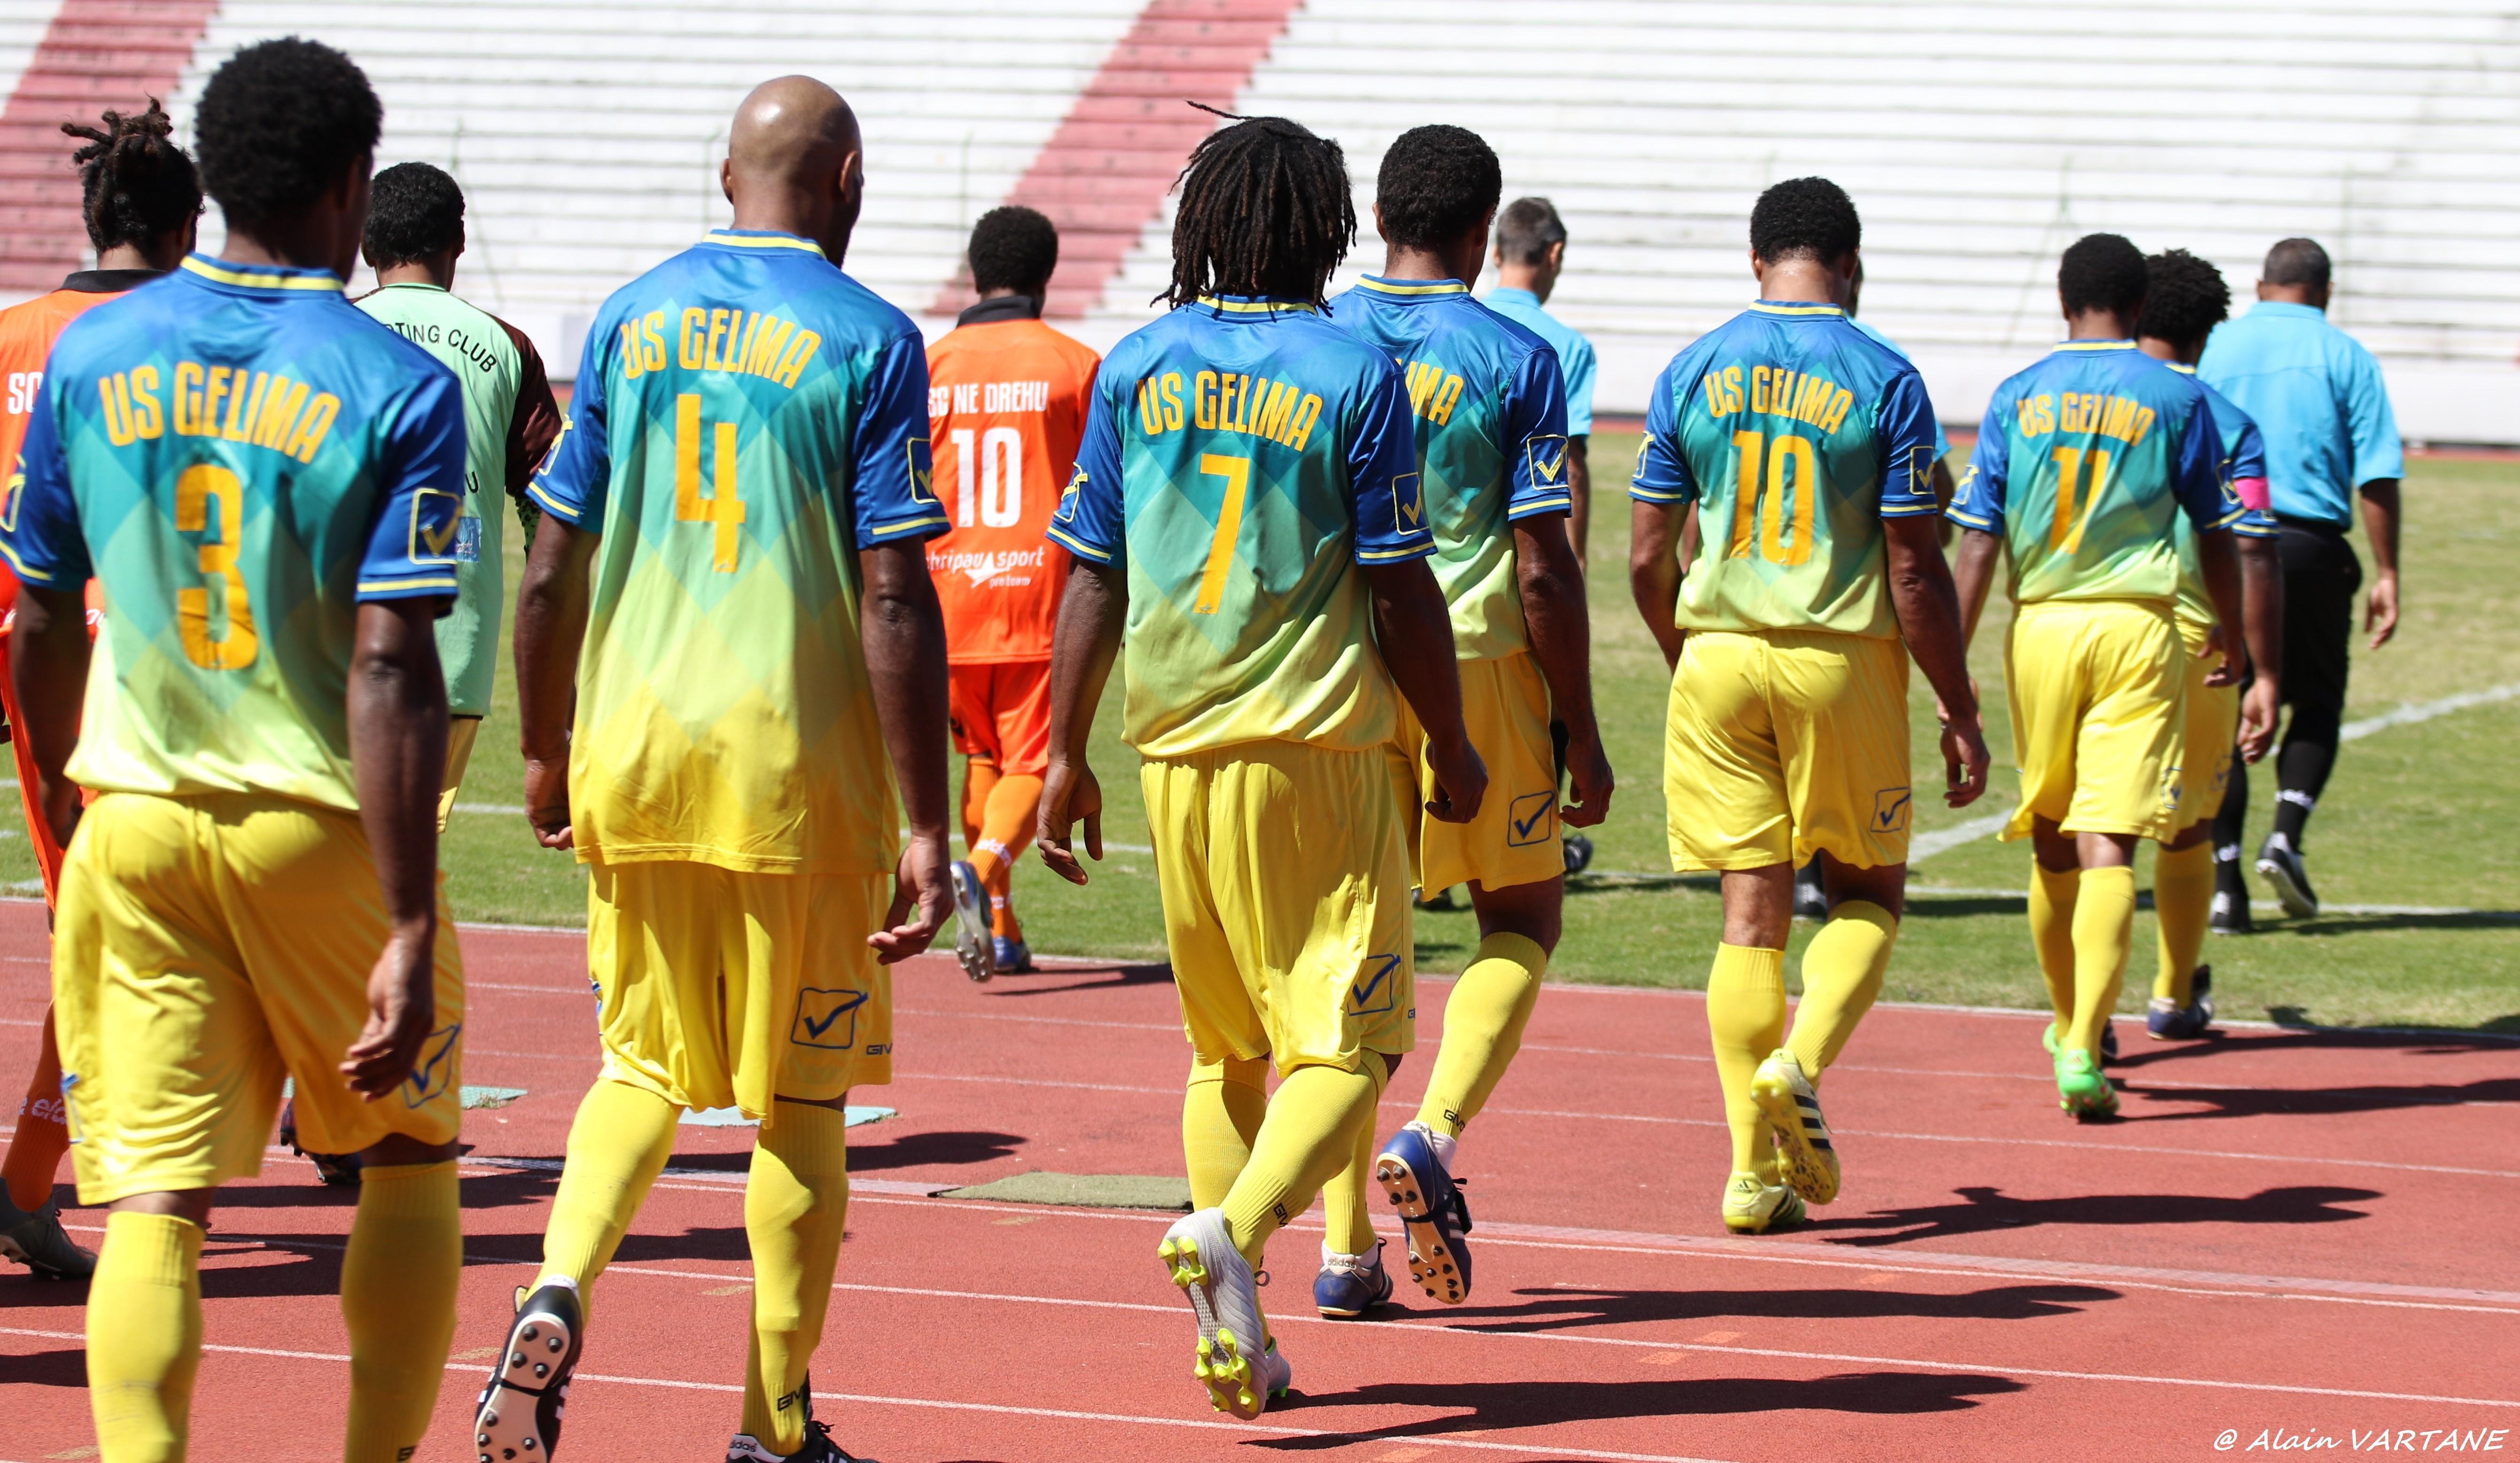 L'US GELIMA, ici en huitièmes de finale de la COUPE de CALEDONIE 2020, face à Ne Drehu (défaite 0-2). Credit Photo : ALAIN VARTANE